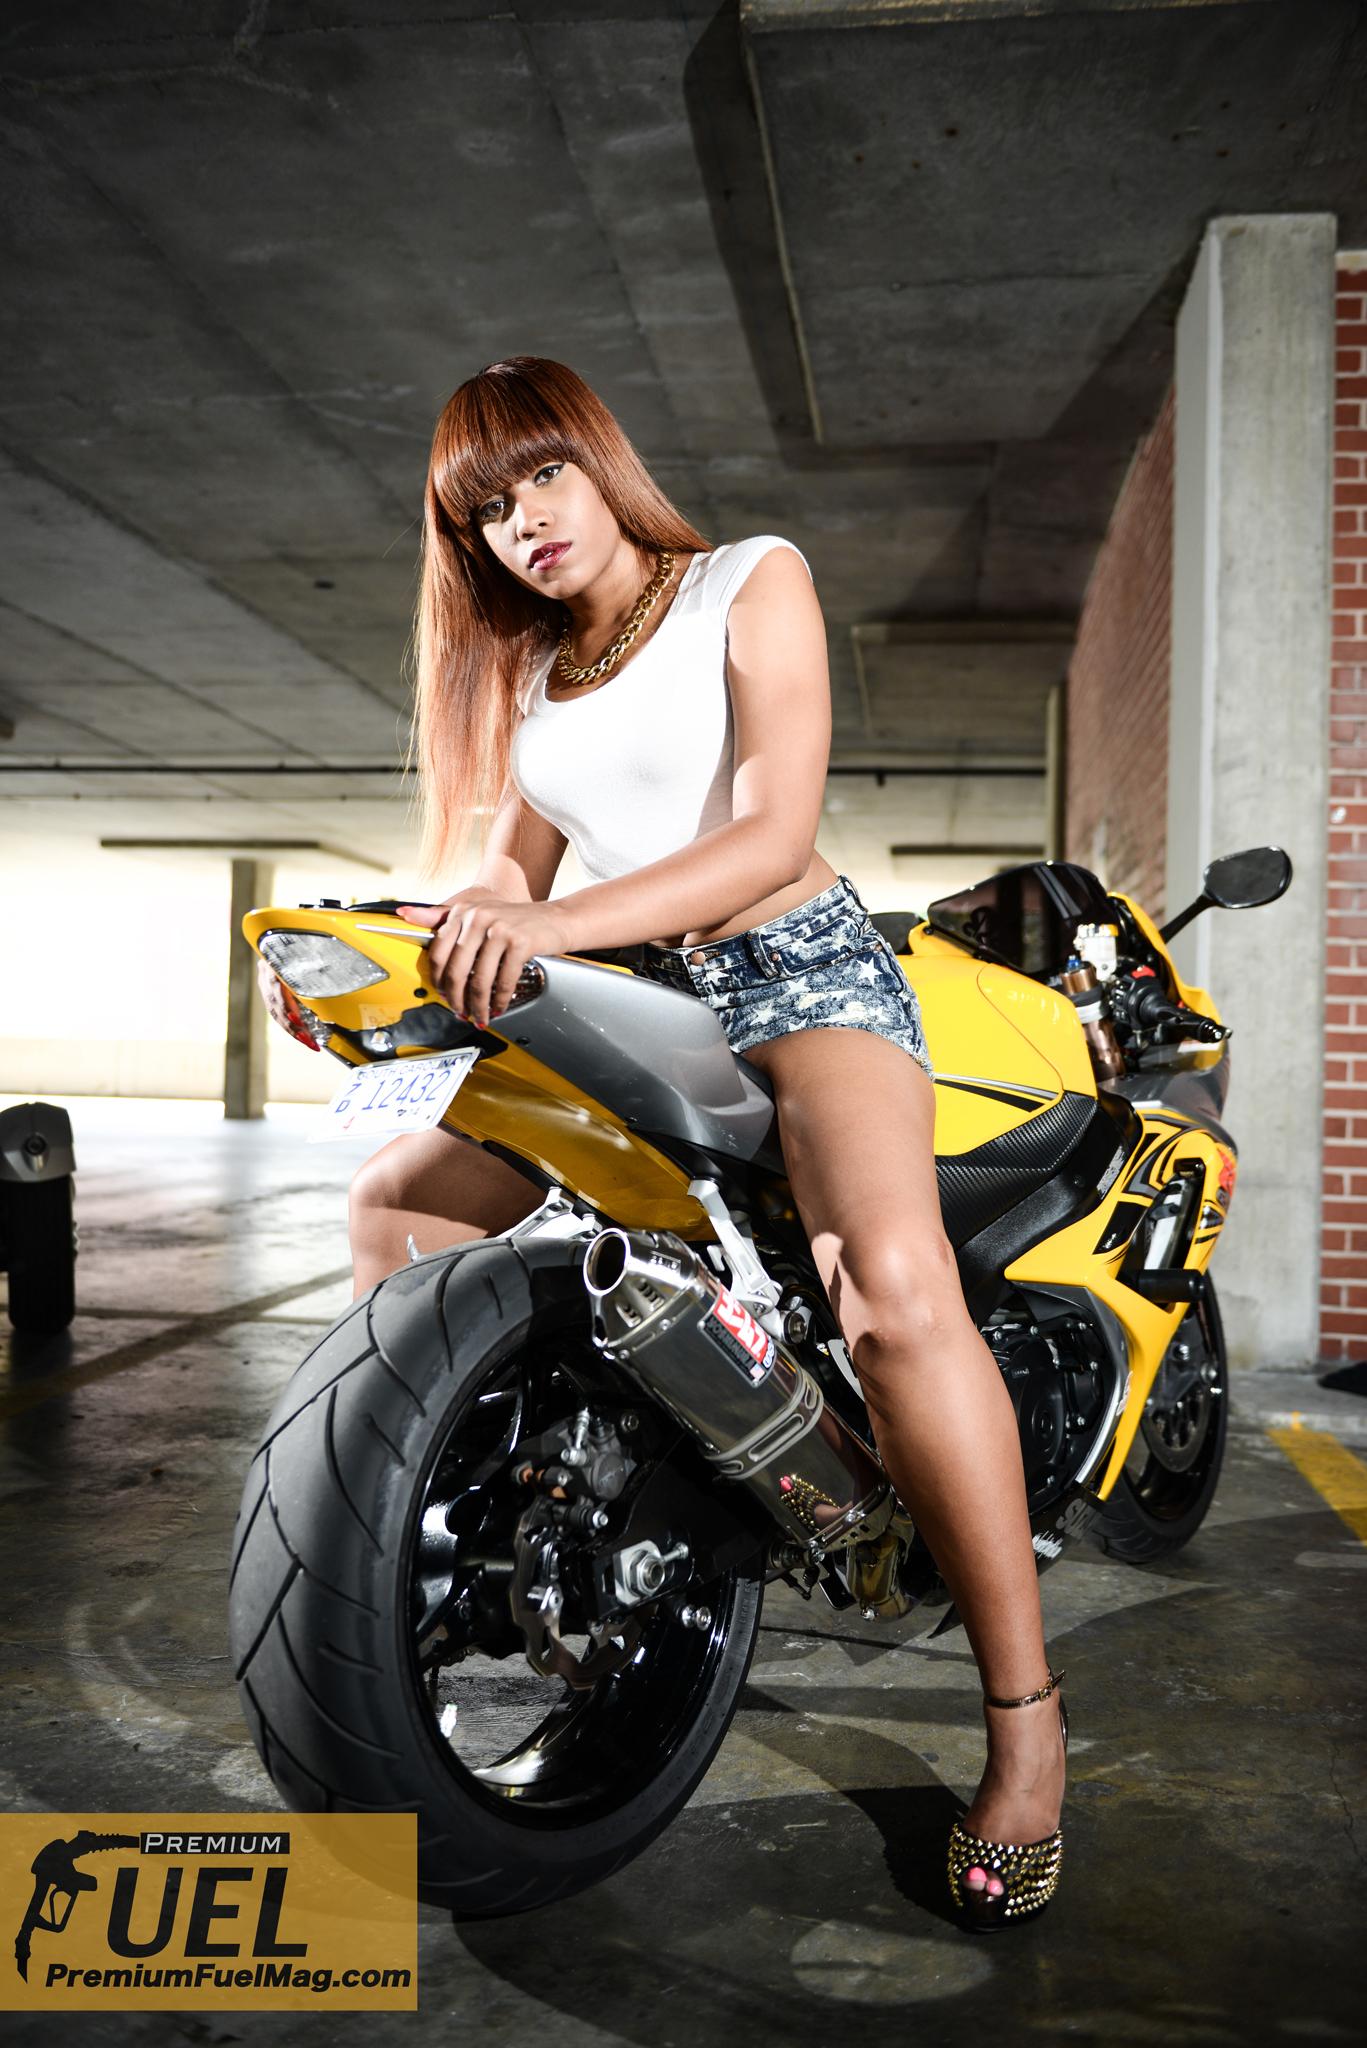 Model Feature: Alesia – Premium Fuel Magazine